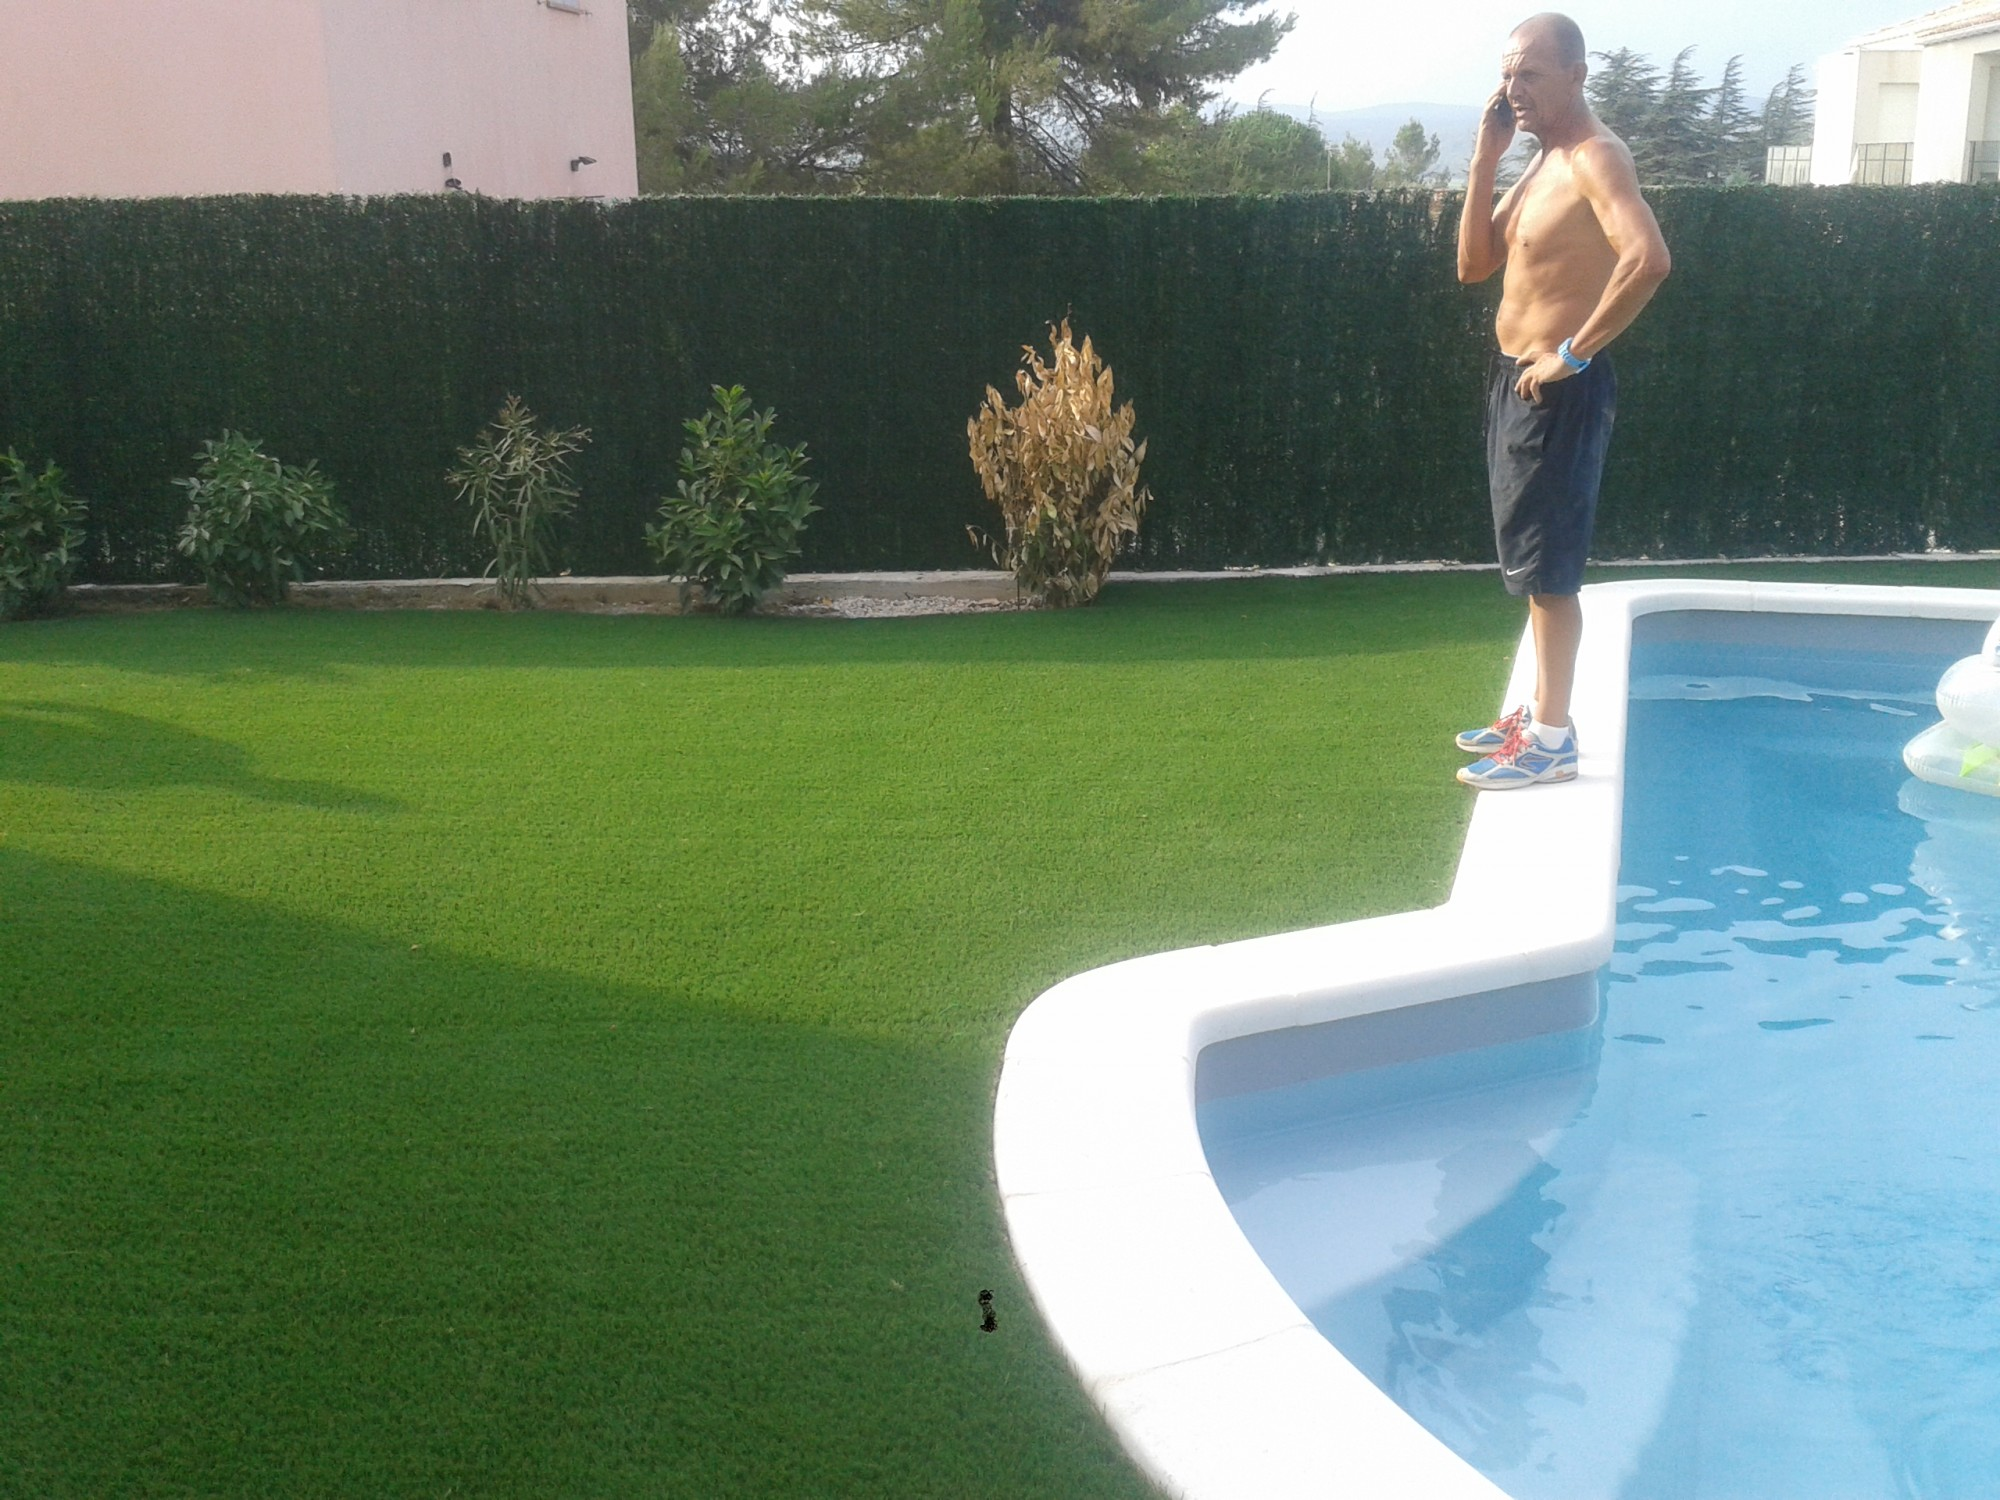 installation de gazon synth tique fr jus autour d 39 une piscine 100 m la pose gazon. Black Bedroom Furniture Sets. Home Design Ideas